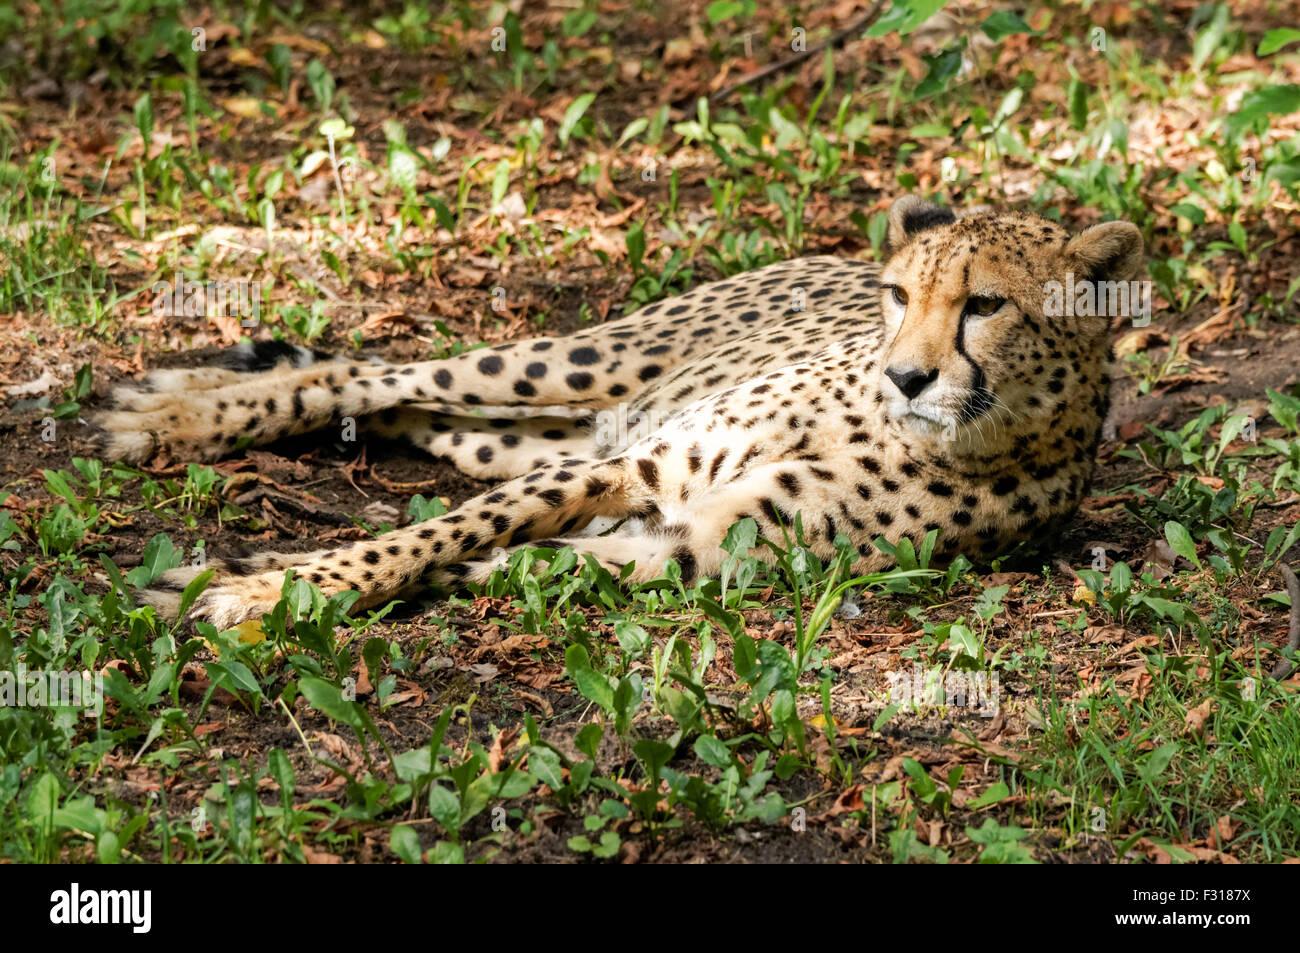 The cheetah (Acinonyx jubatus) at Warsaw Zoo, Poland - Stock Image